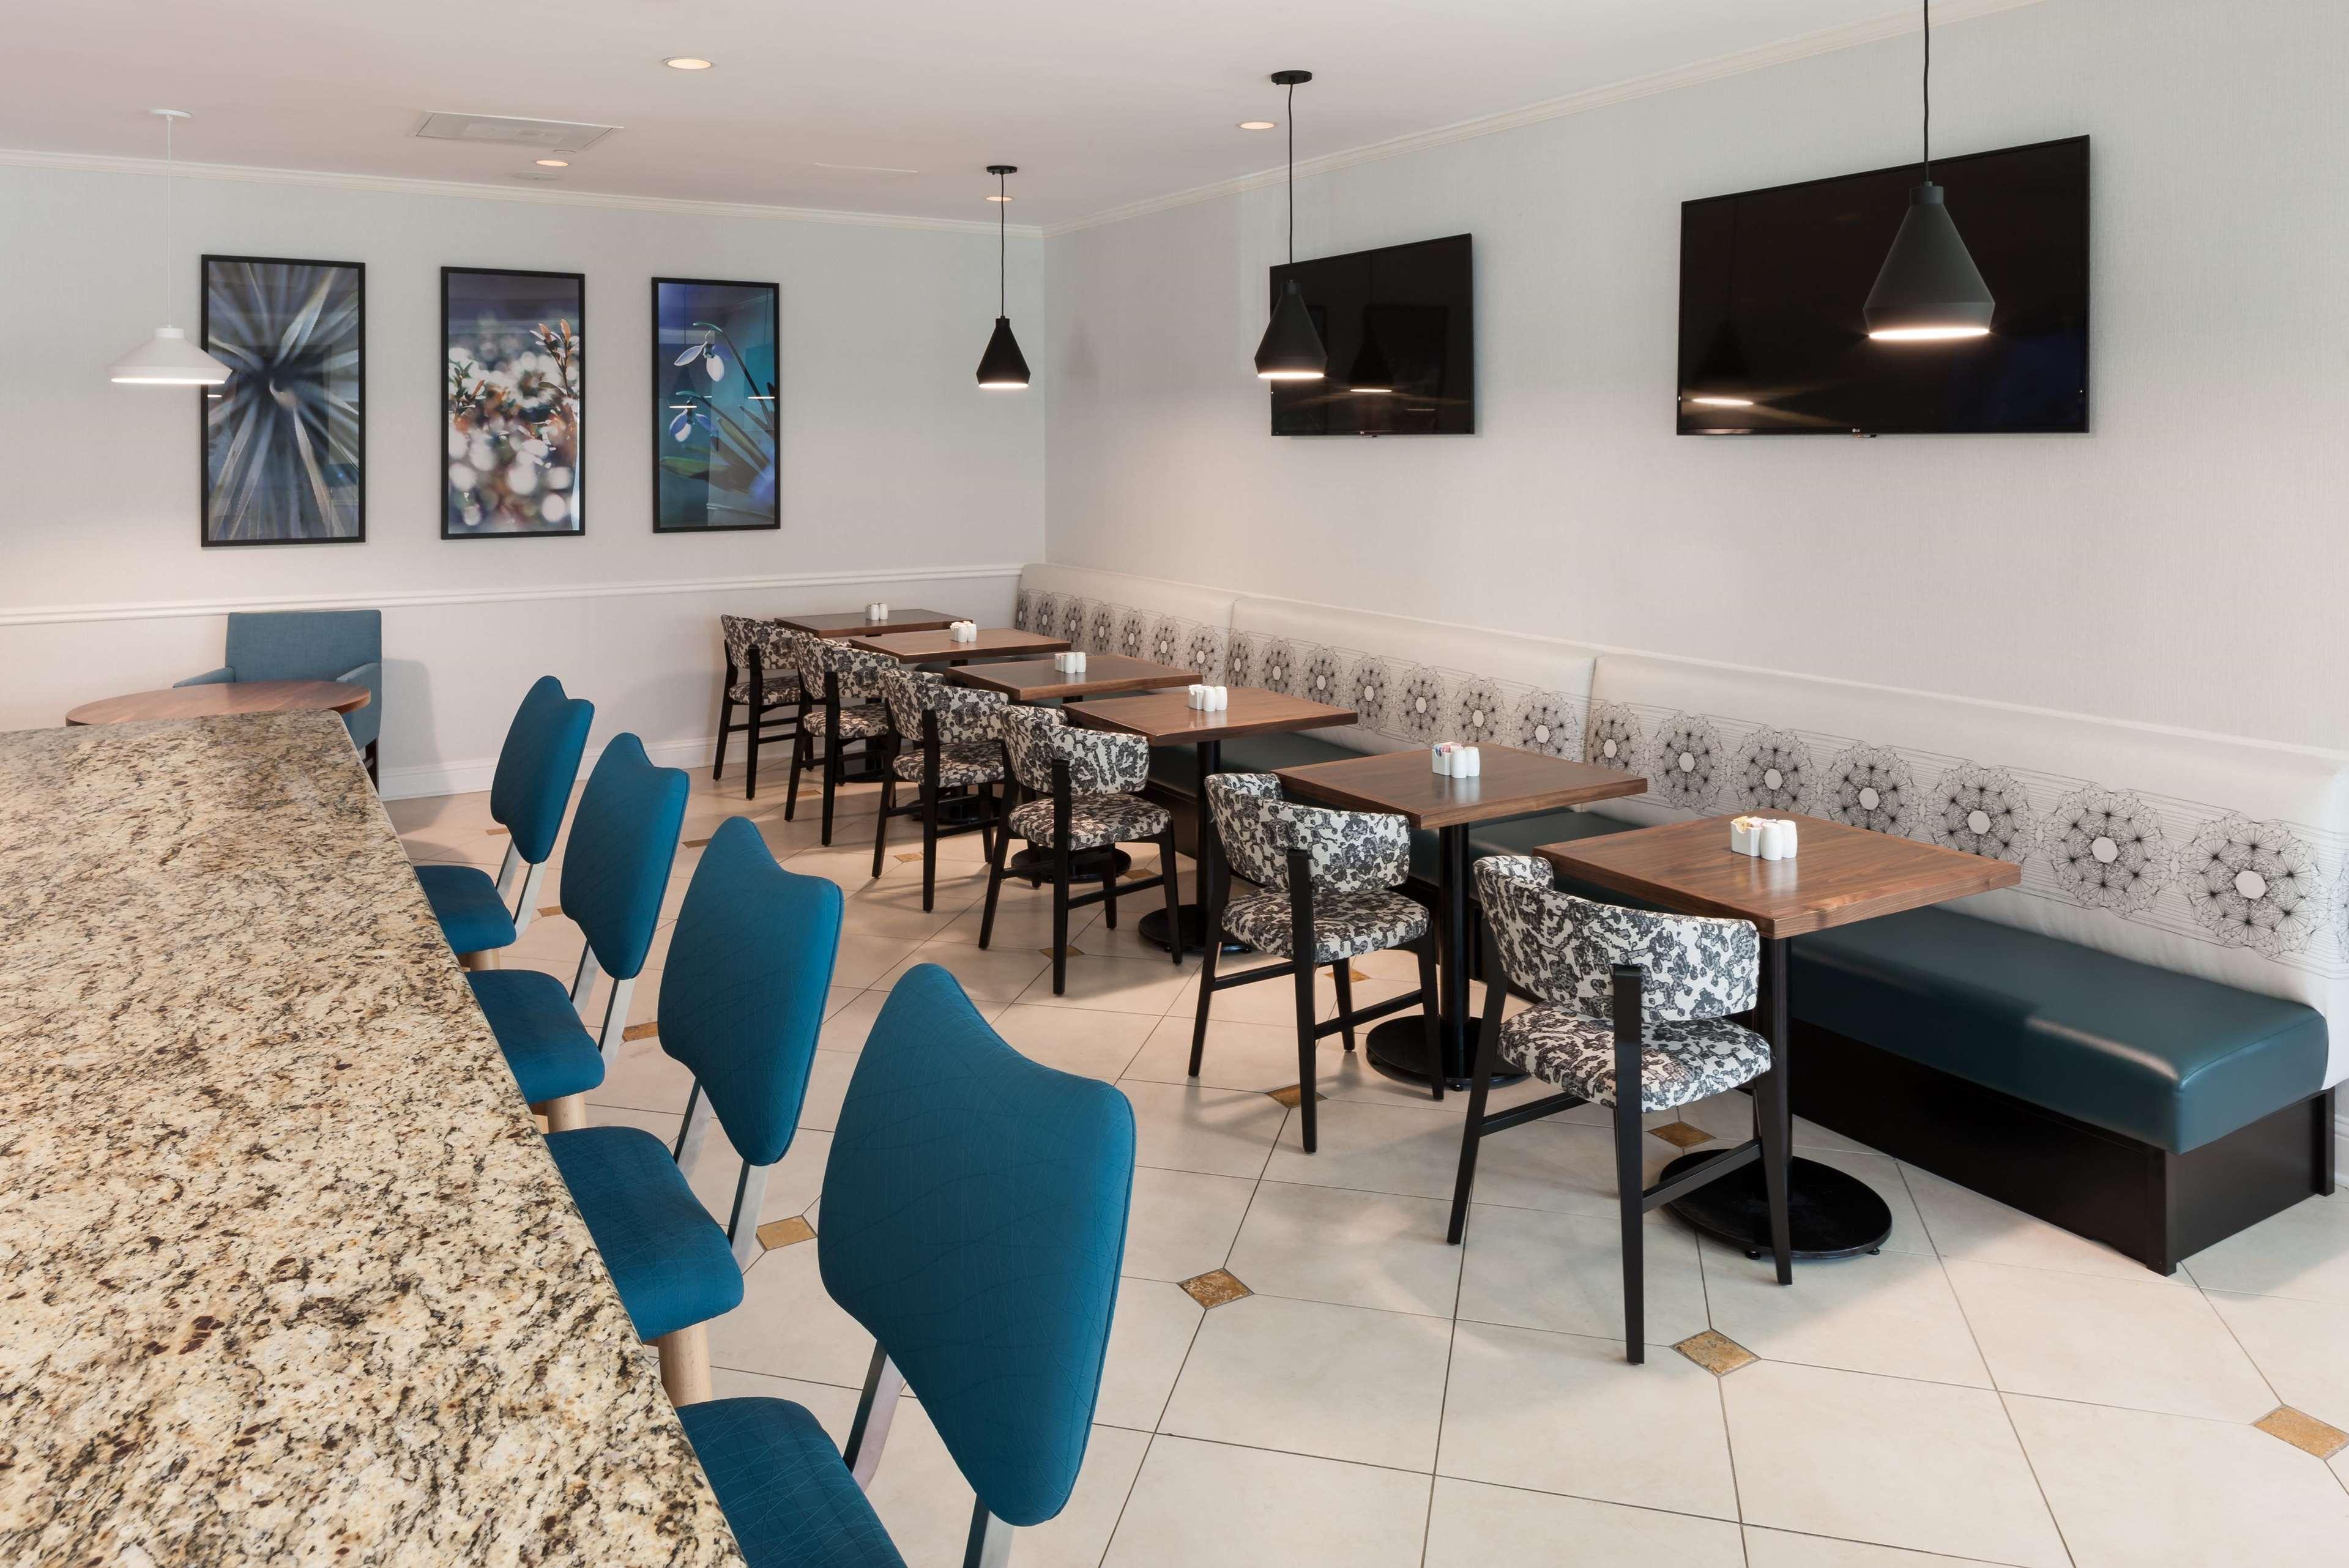 Hilton Garden Inn Frisco image 9